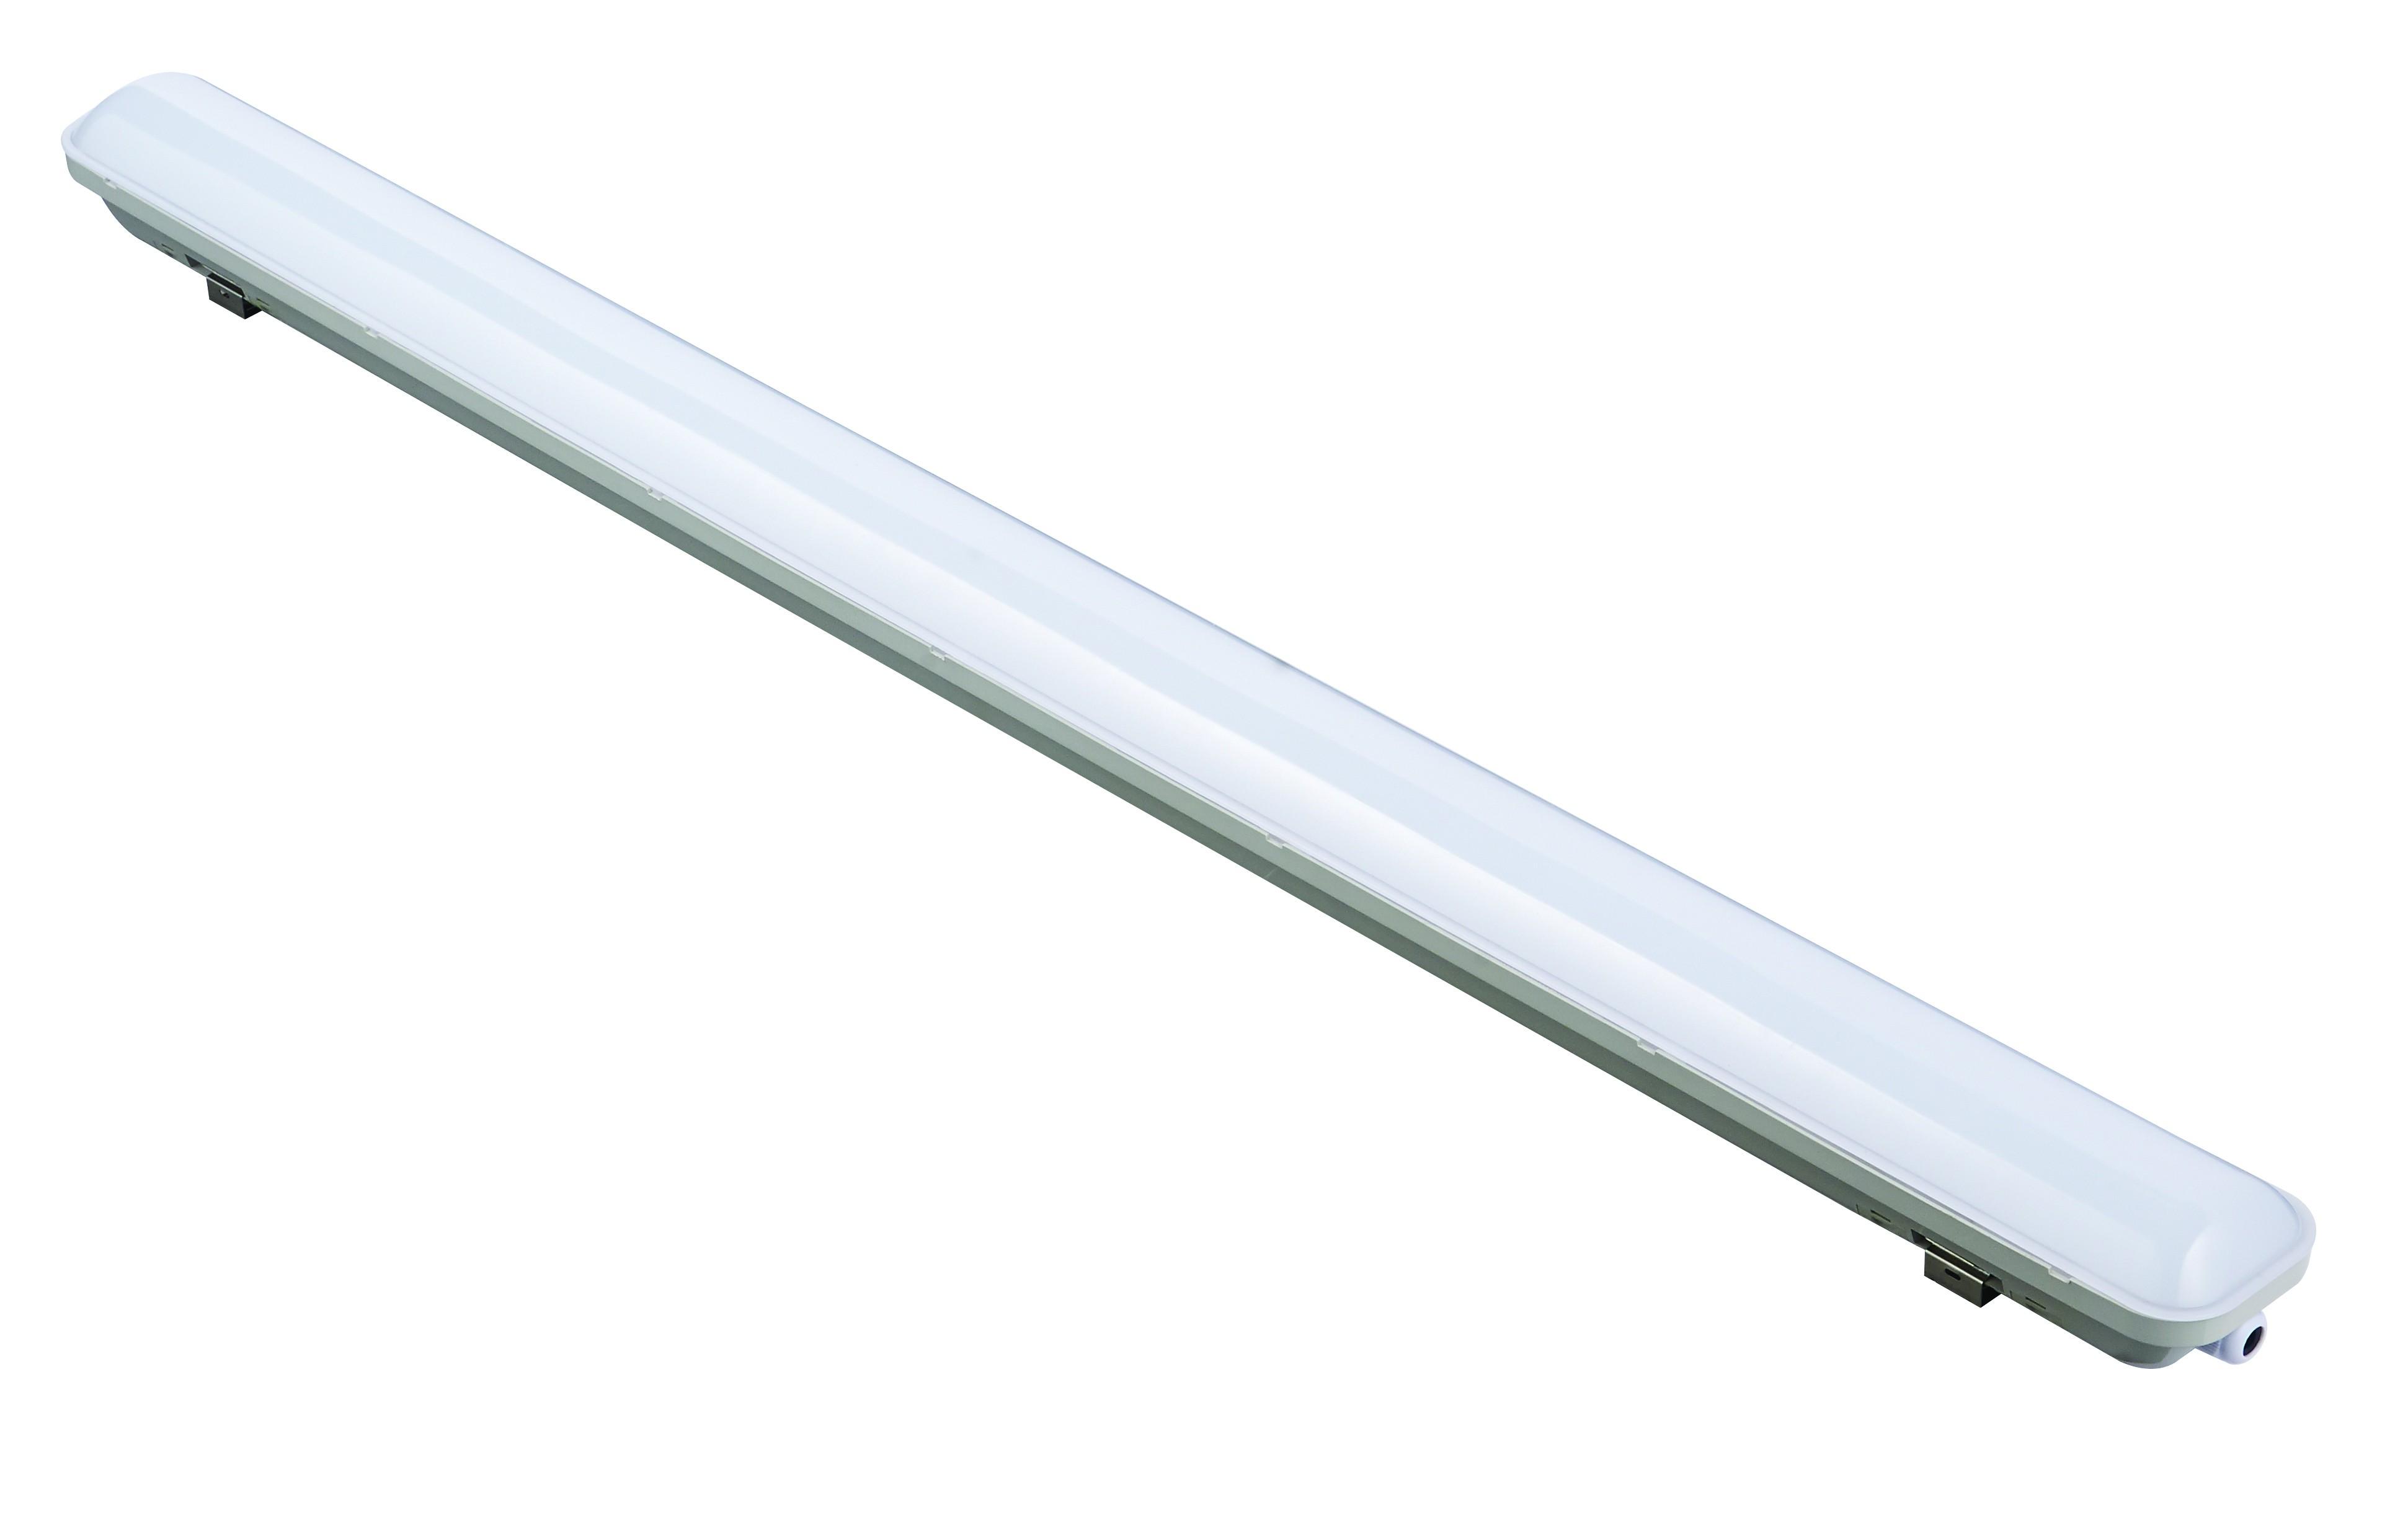 LED WATERPROOF BATTEN - 18W - 6000K - IP65